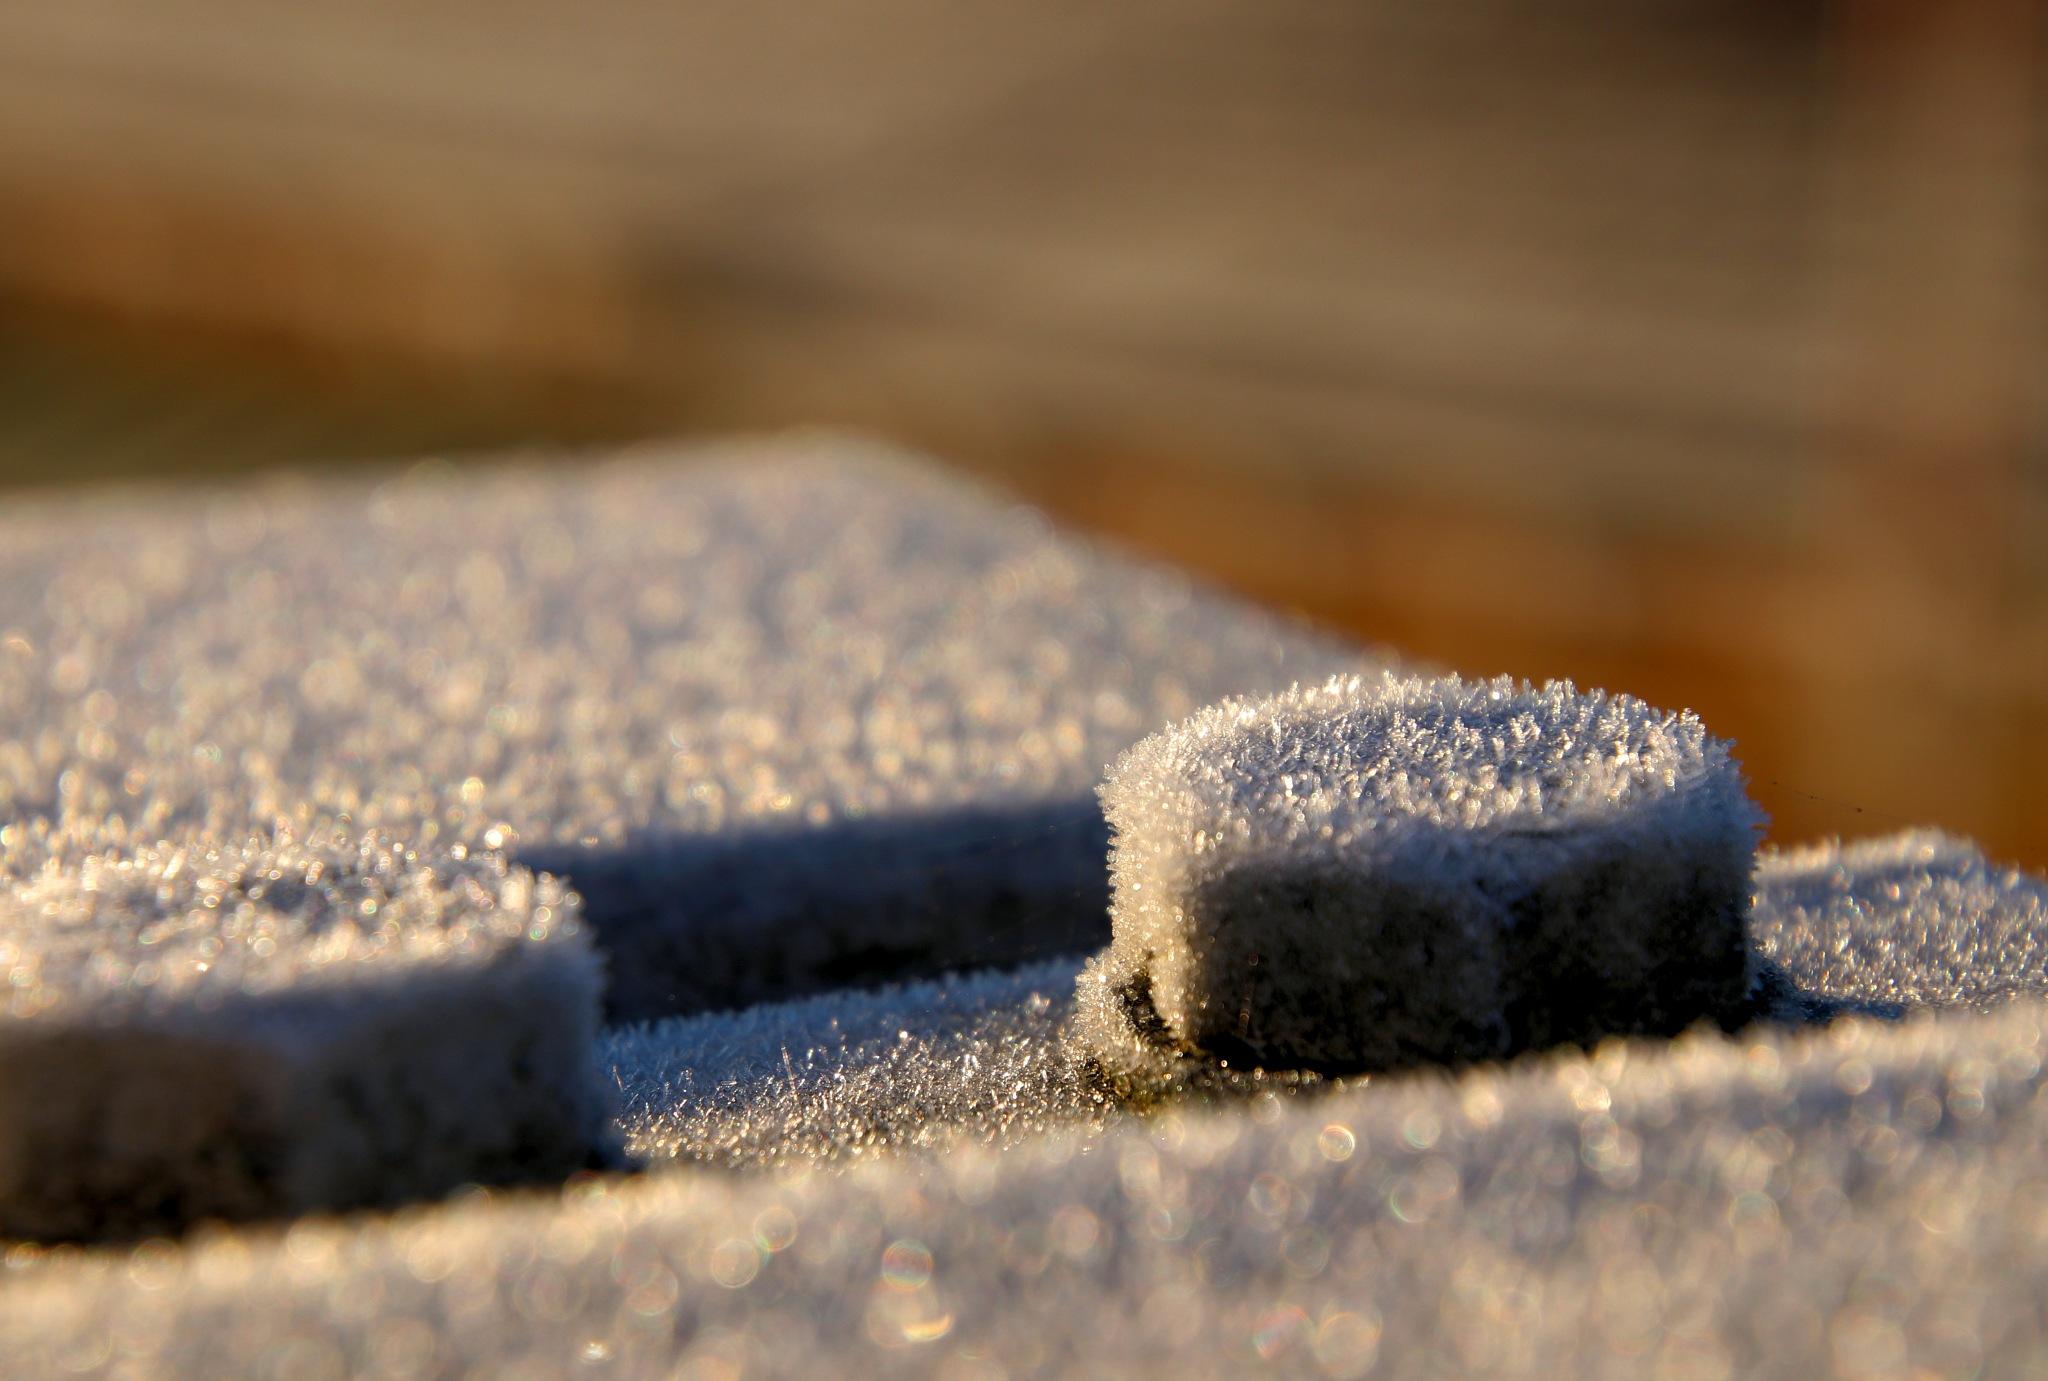 The Head is Frozen by cln.wvr